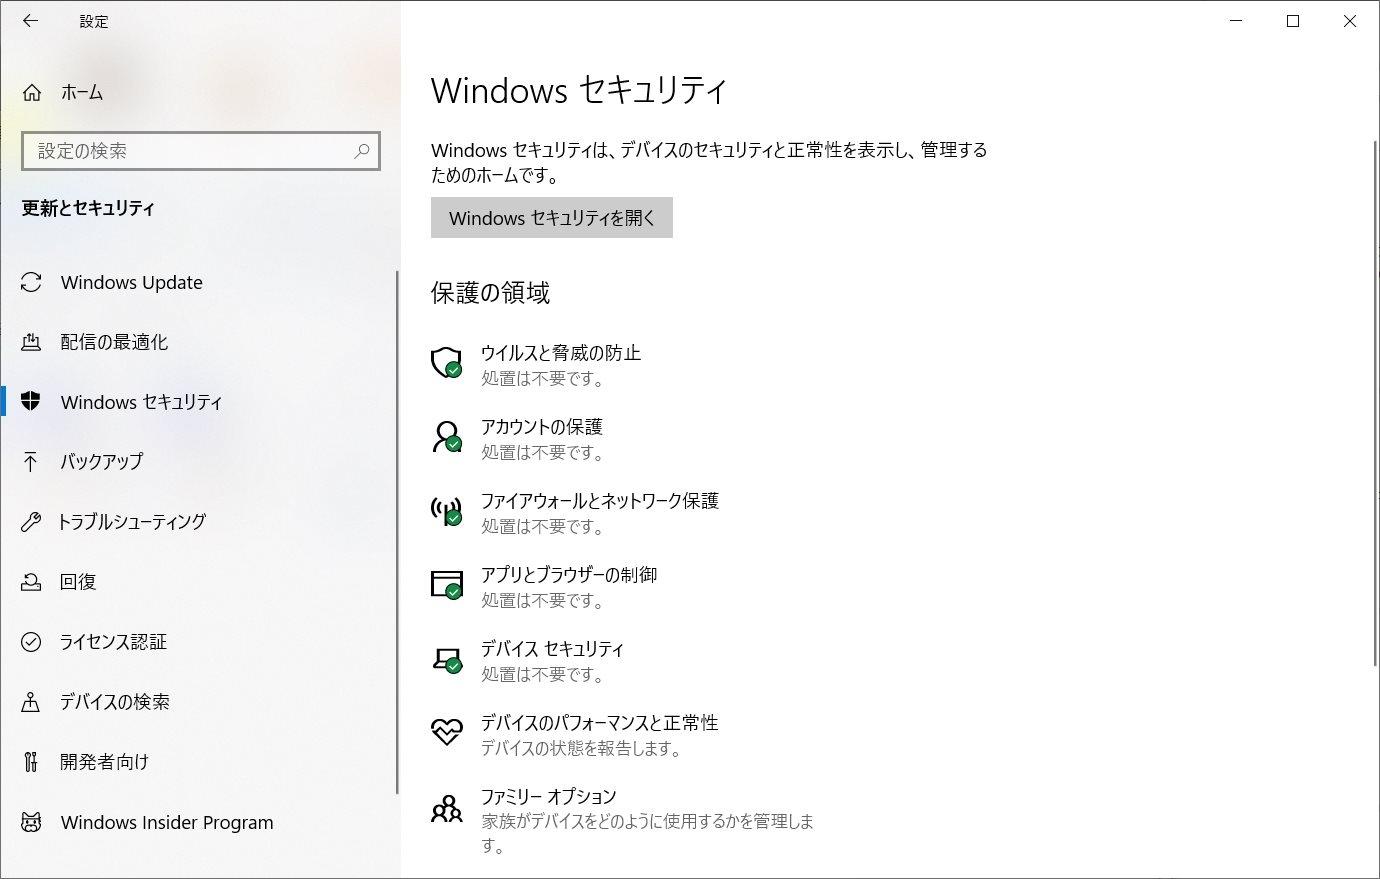 Windowsの設定から「Windowsセキュリティ」を見るとPCのセキュリティー対策の状態を確認できる